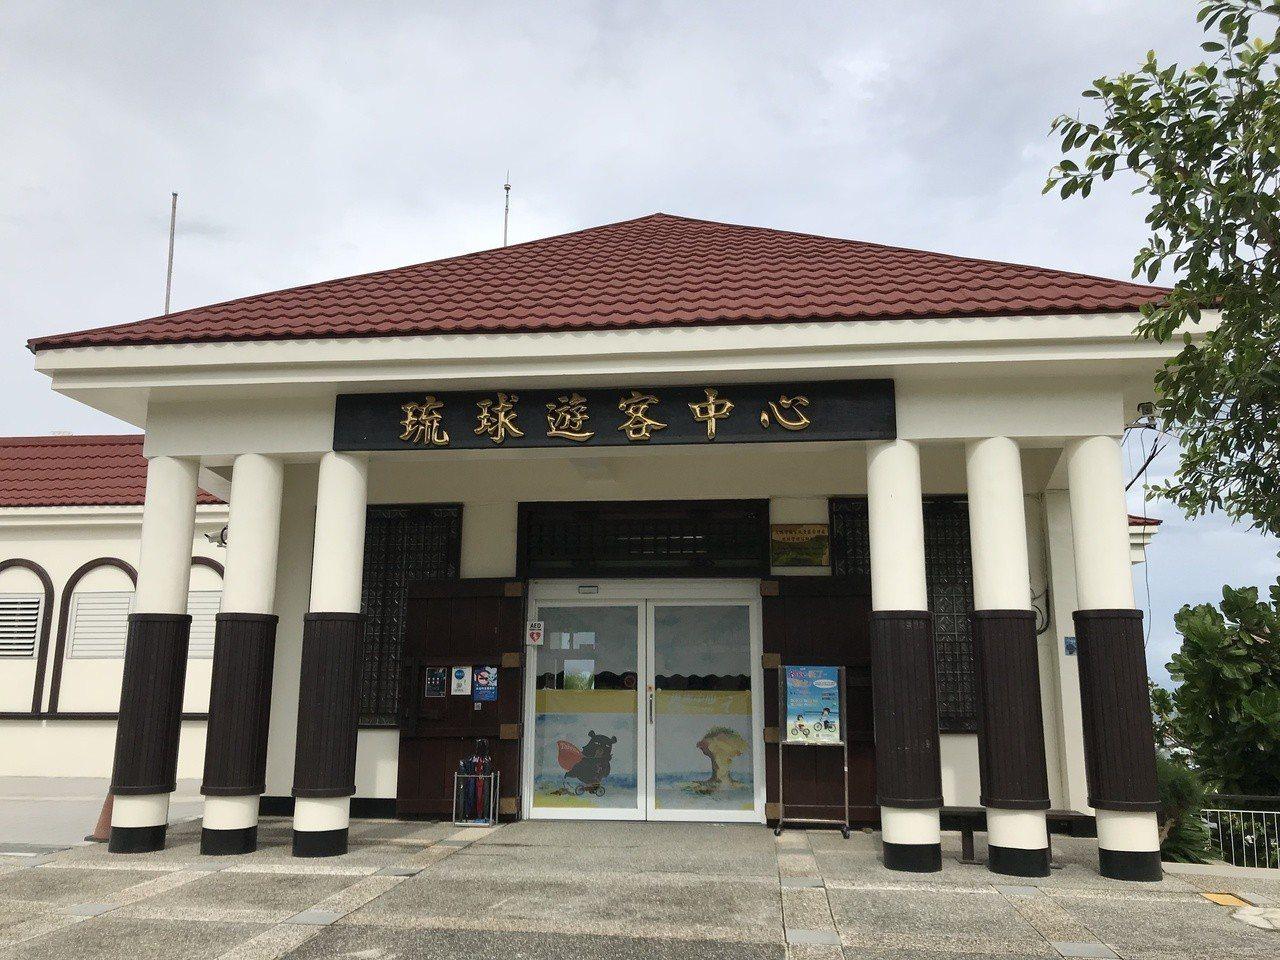 大鵬灣國家風景區管理處特別為小琉球製作了海底3D簡介影片,小島上的琉球管理站遊客...